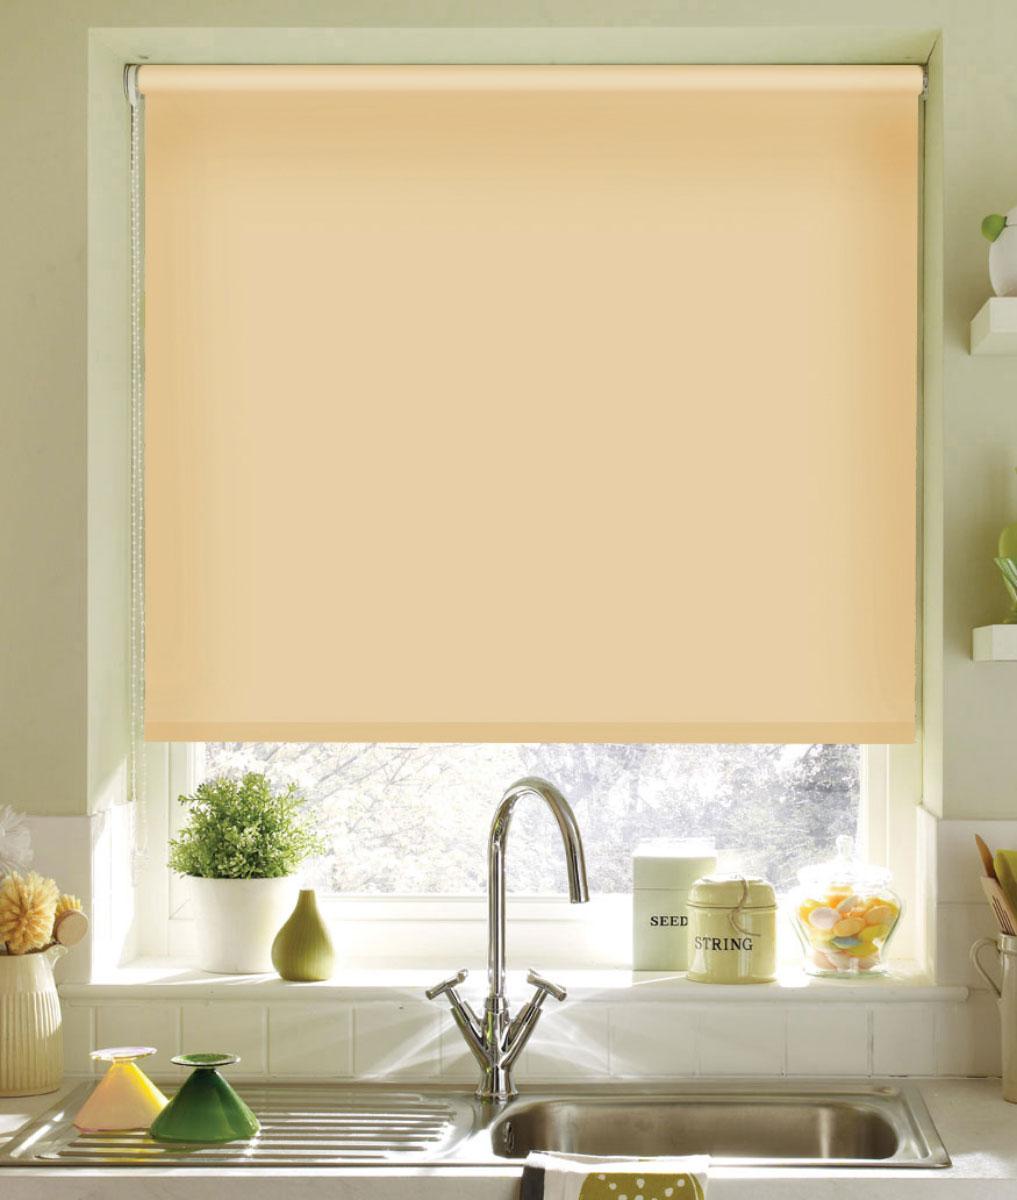 Миниролло KauffOrt 73х170 см, цвет: светлый абрикос3073112Рулонная штора Миниролло выполнена из высокопрочной ткани светло-абрикосового цвета, которая сохраняет свой размер даже при намокании. Ткань не выцветает и обладает отличной цветоустойчивостью. Миниролло - это подвид рулонных штор, который закрывает не весь оконный проем, а непосредственно само стекло. Такие шторы крепятся на раму без сверления при помощи зажимов или клейкой двухсторонней ленты. Окно остаётся на гарантии, благодаря монтажу без сверления. Такая штора станет прекрасным элементом декора окна и гармонично впишется в интерьер любого помещения.